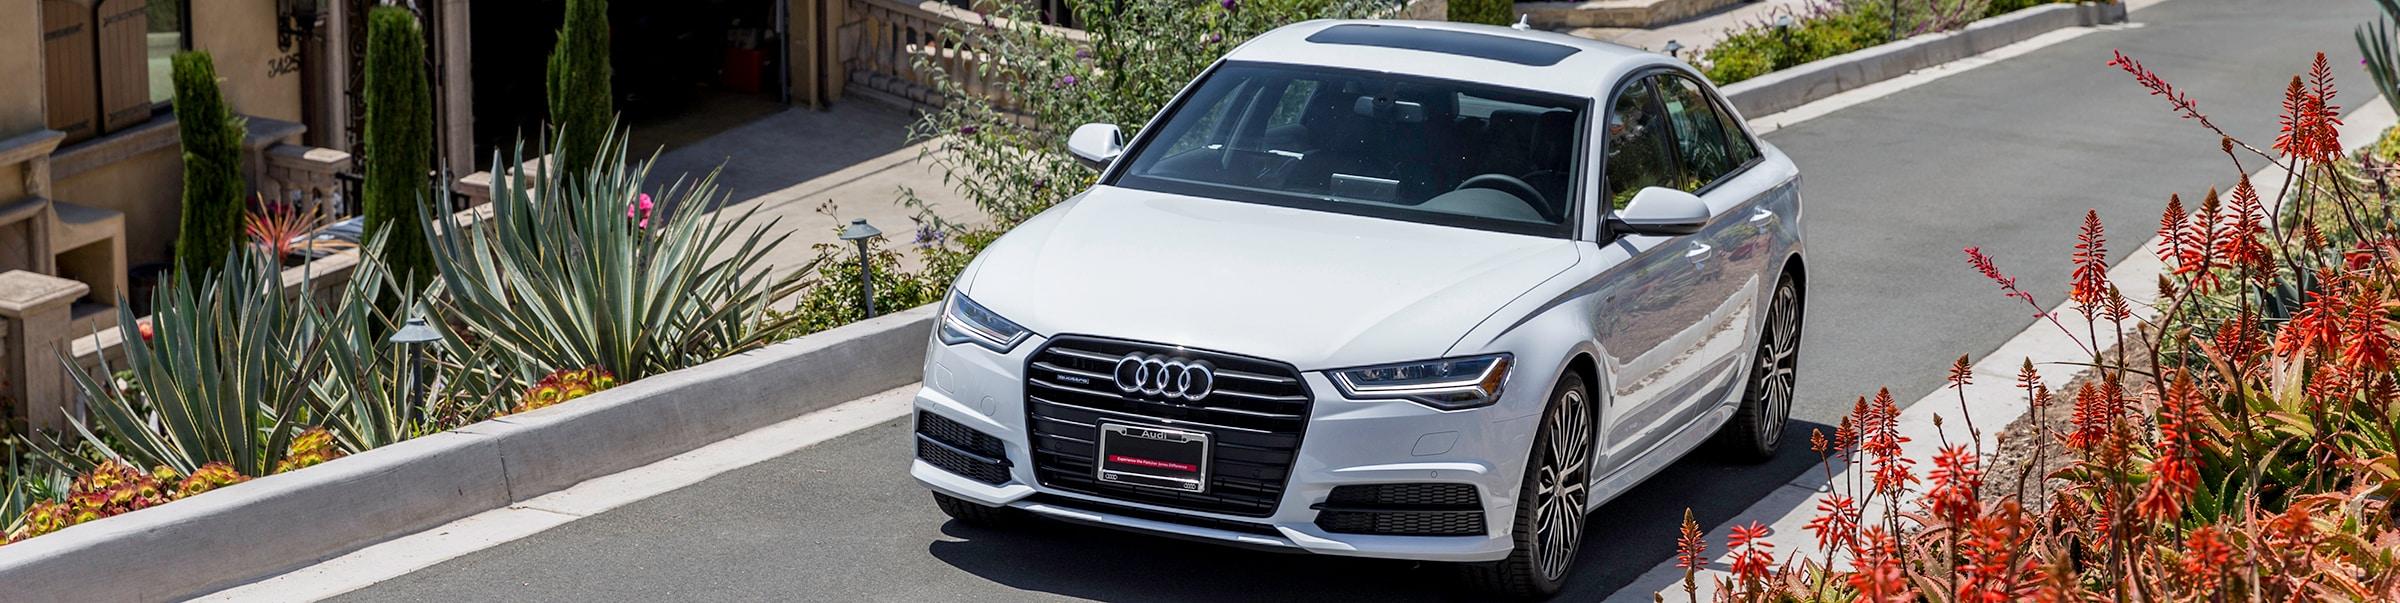 Car Pick Up Service >> Pick Up Delivery Service Audi Fremont Service Center